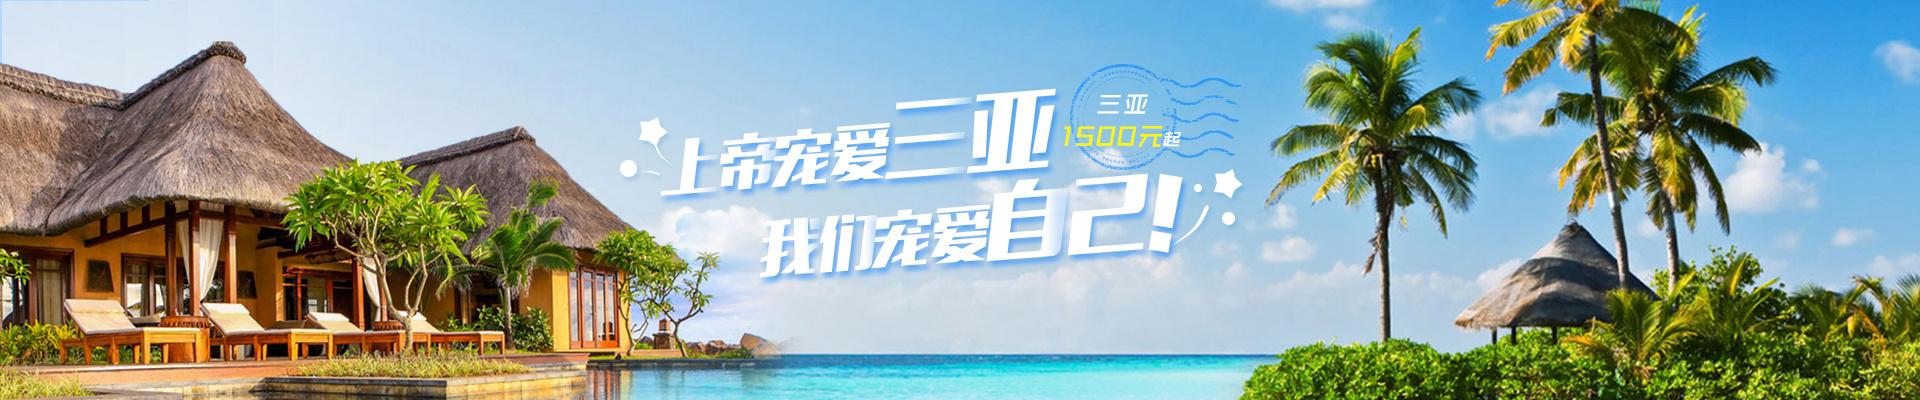 旅游banner图